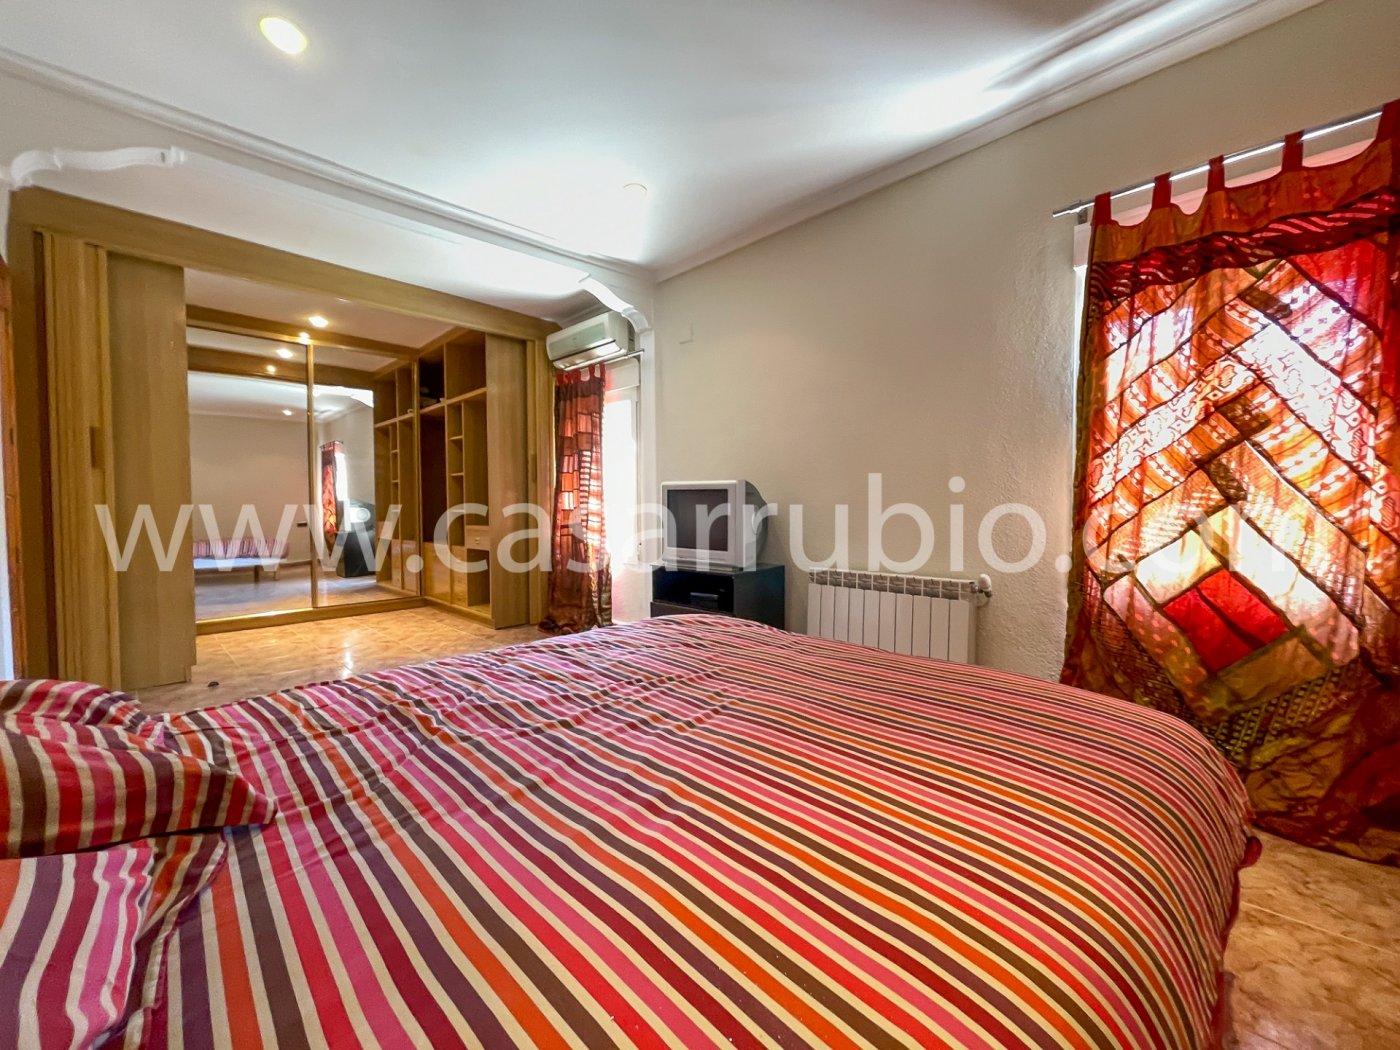 Estupenda casa reformada y con terraza en onil !! - imagenInmueble13